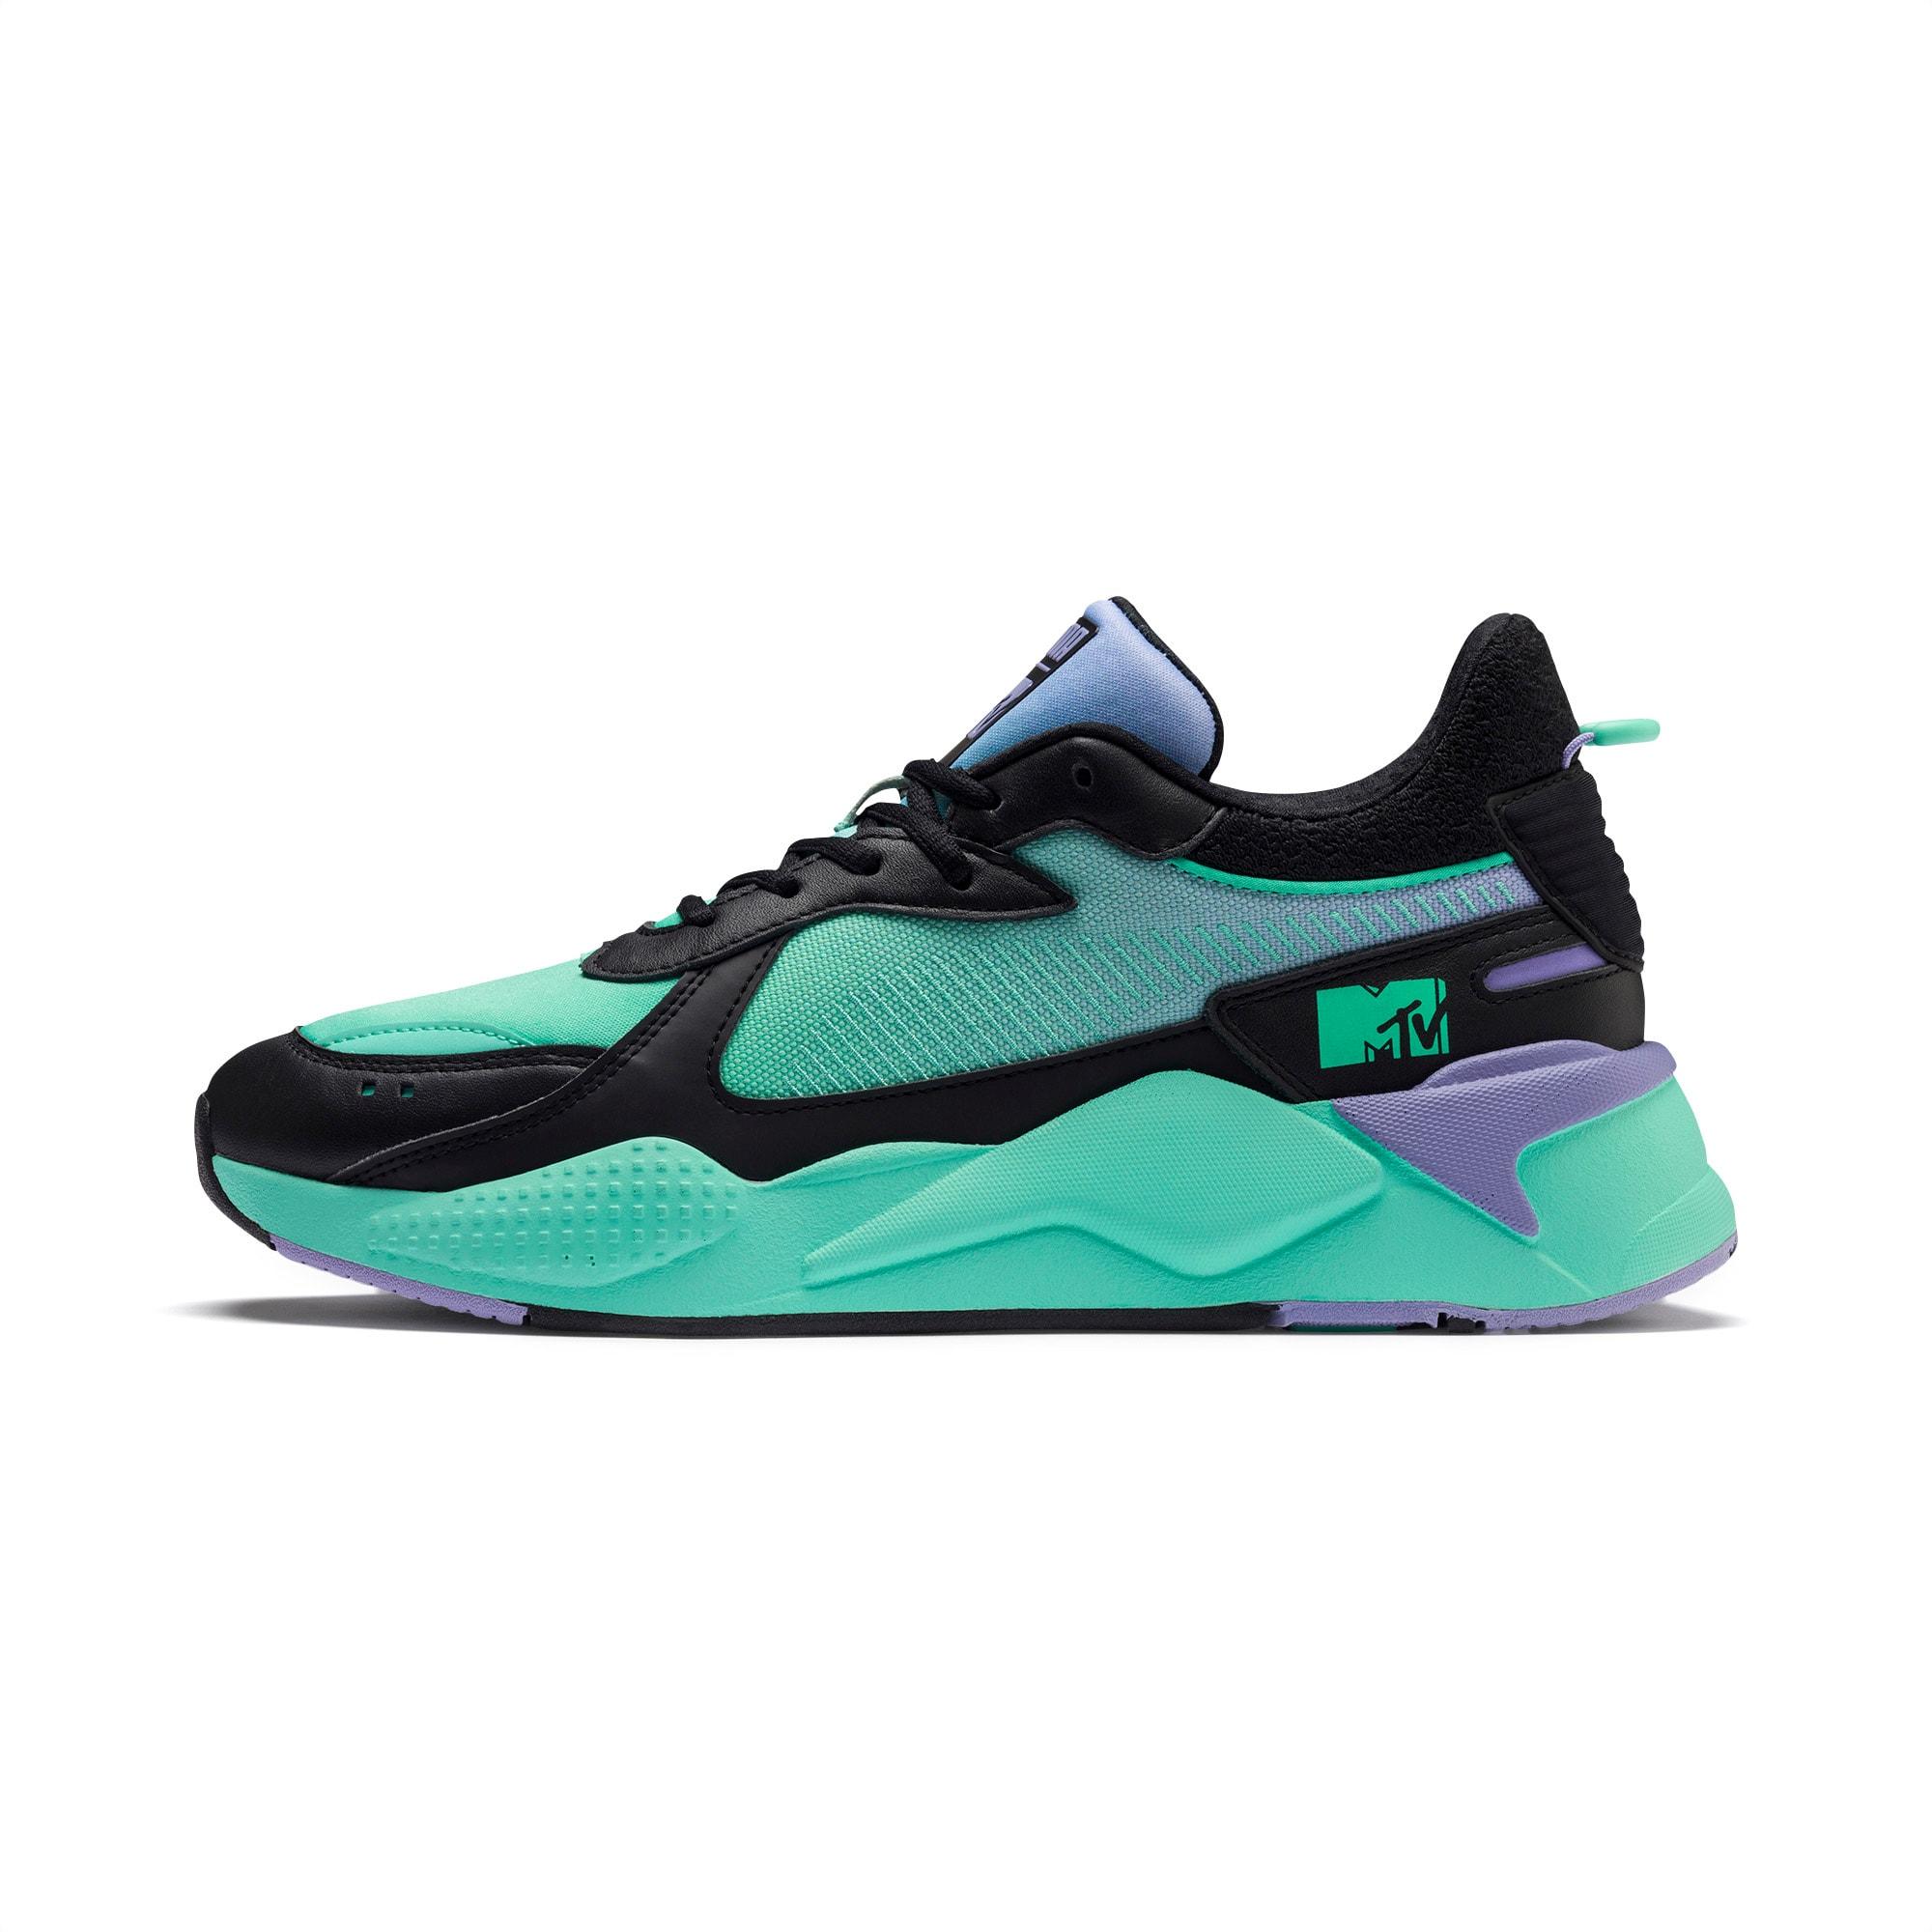 PUMA x MTV RS X Tracks Pastel 2 Sneaker